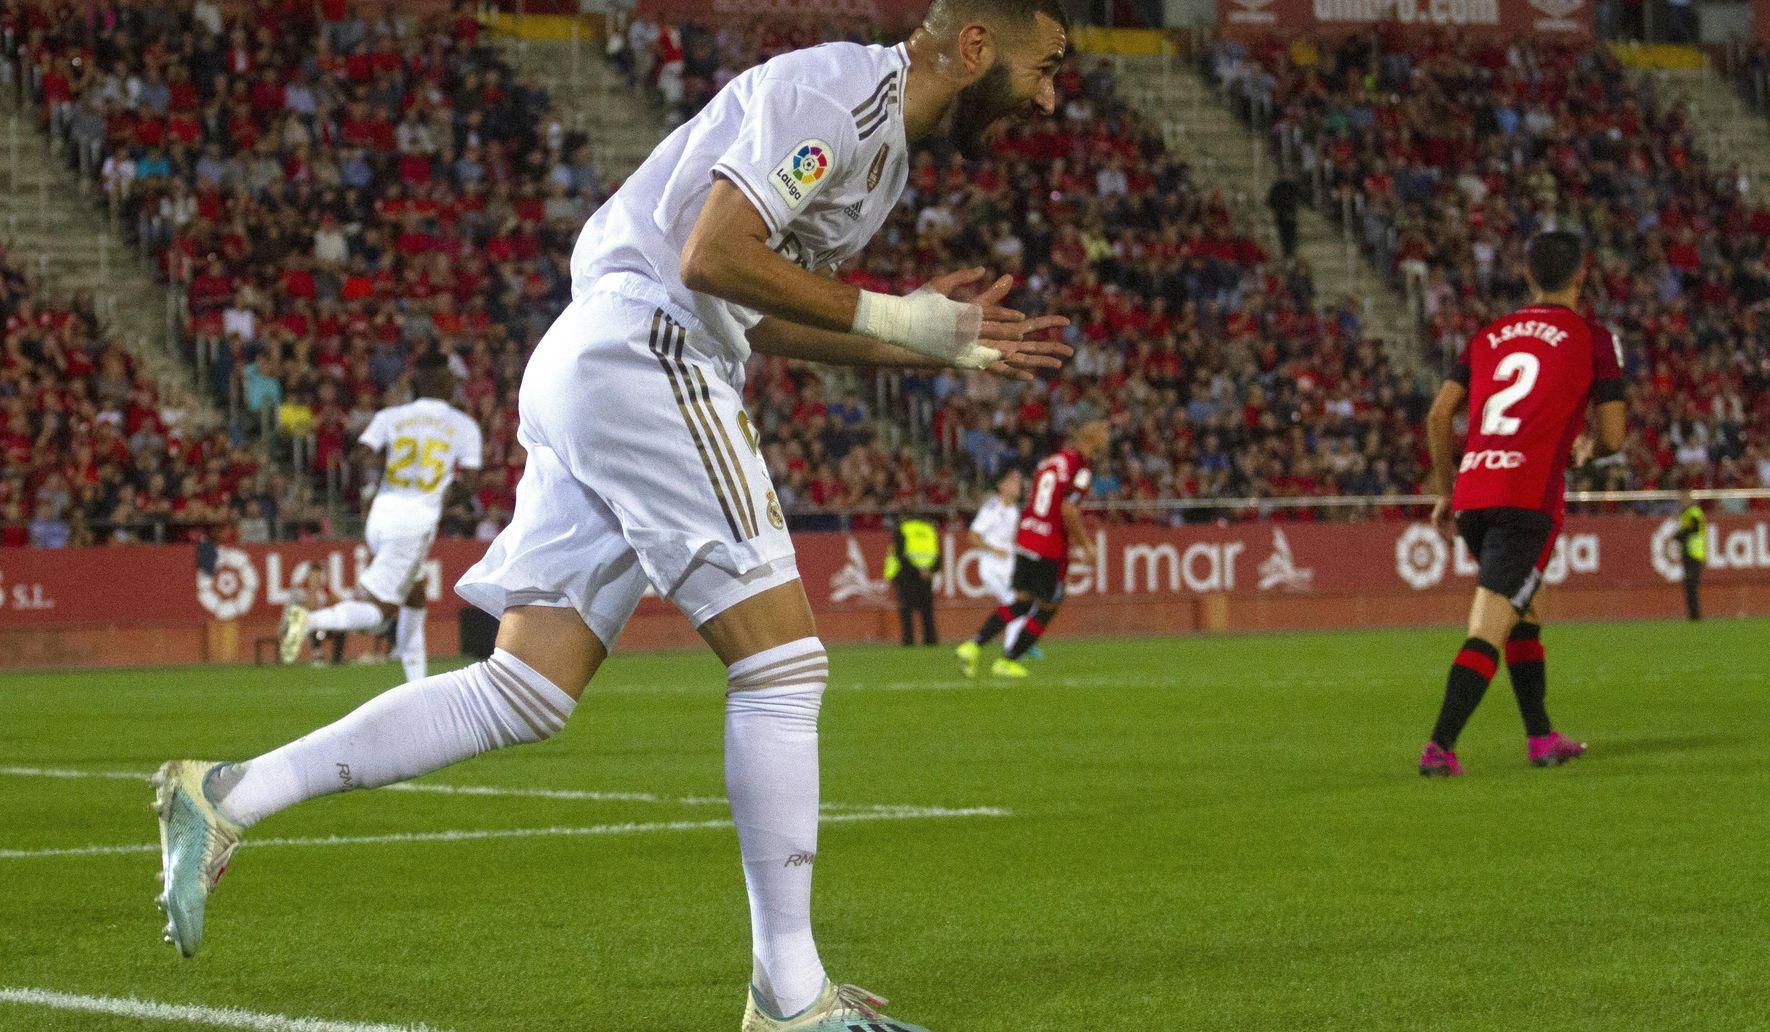 Spain_soccer_la_liga_94243_c0-264-4344-2796_s1770x1032